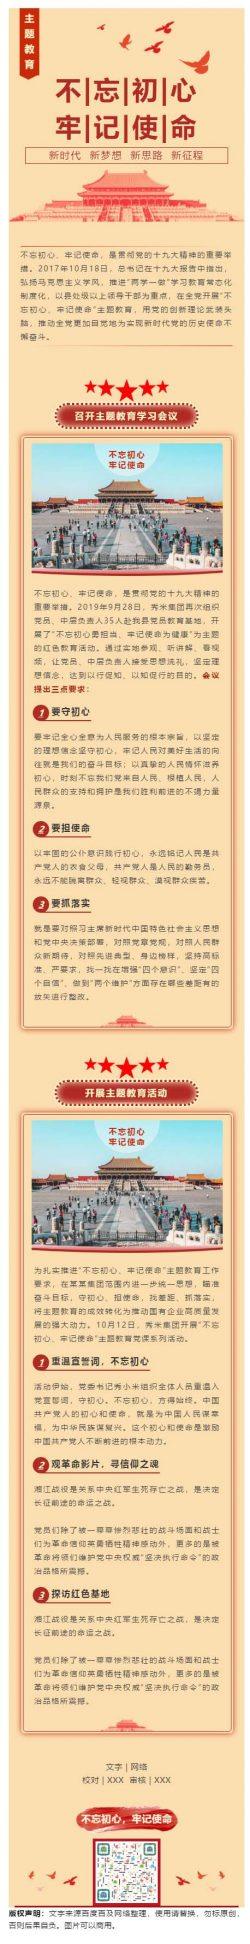 不忘初心、牢记使命党政建党节国庆节模板微信推文素材